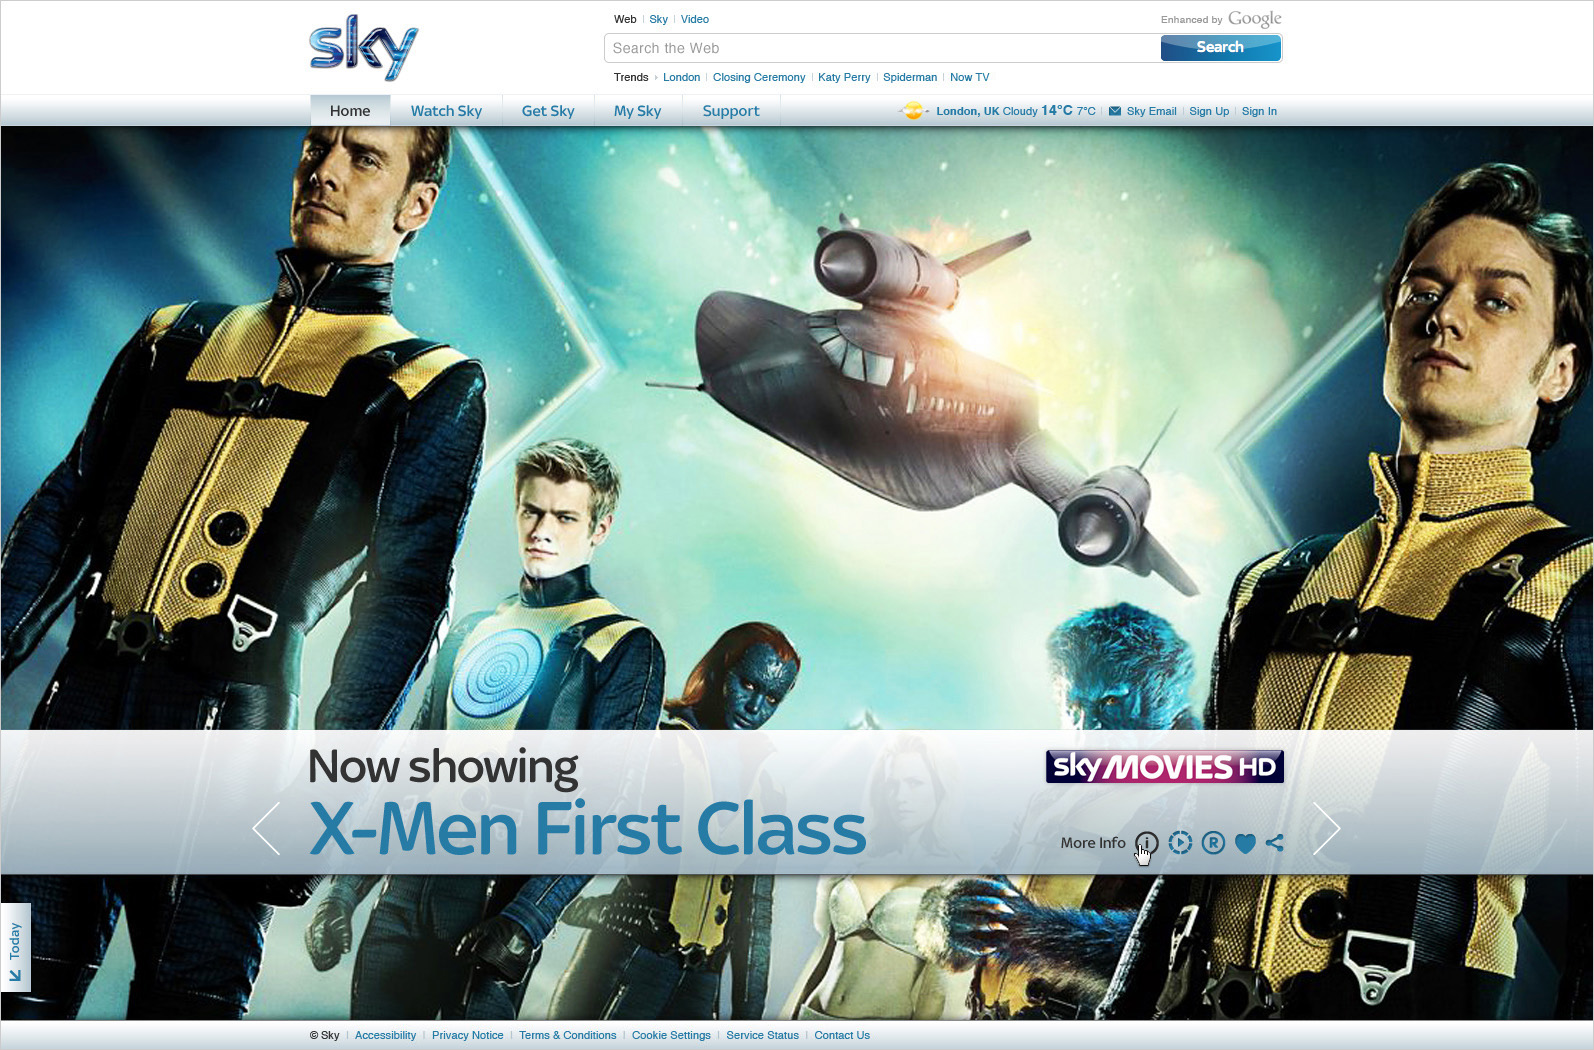 Sky_Homepage_02SkyMovies_Rollover.jpg